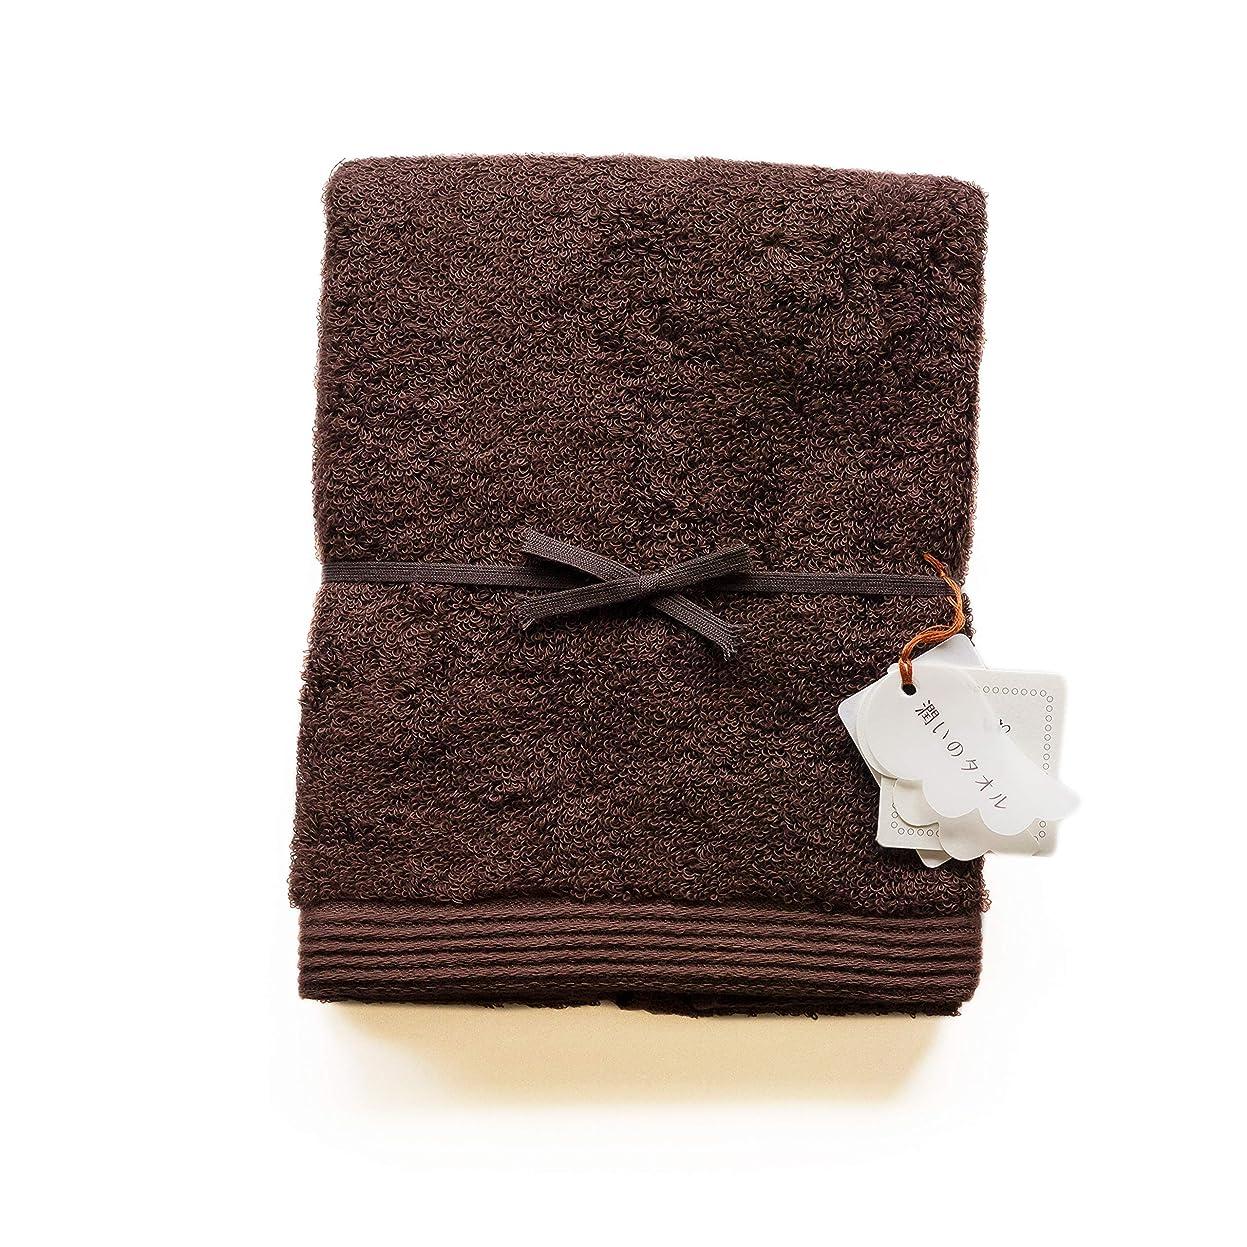 マーティンルーサーキングジュニア血色の良い仲人クレシェンド フェイスタオル ブラウン 34×90cm 潤いのタオル カラーベーシック